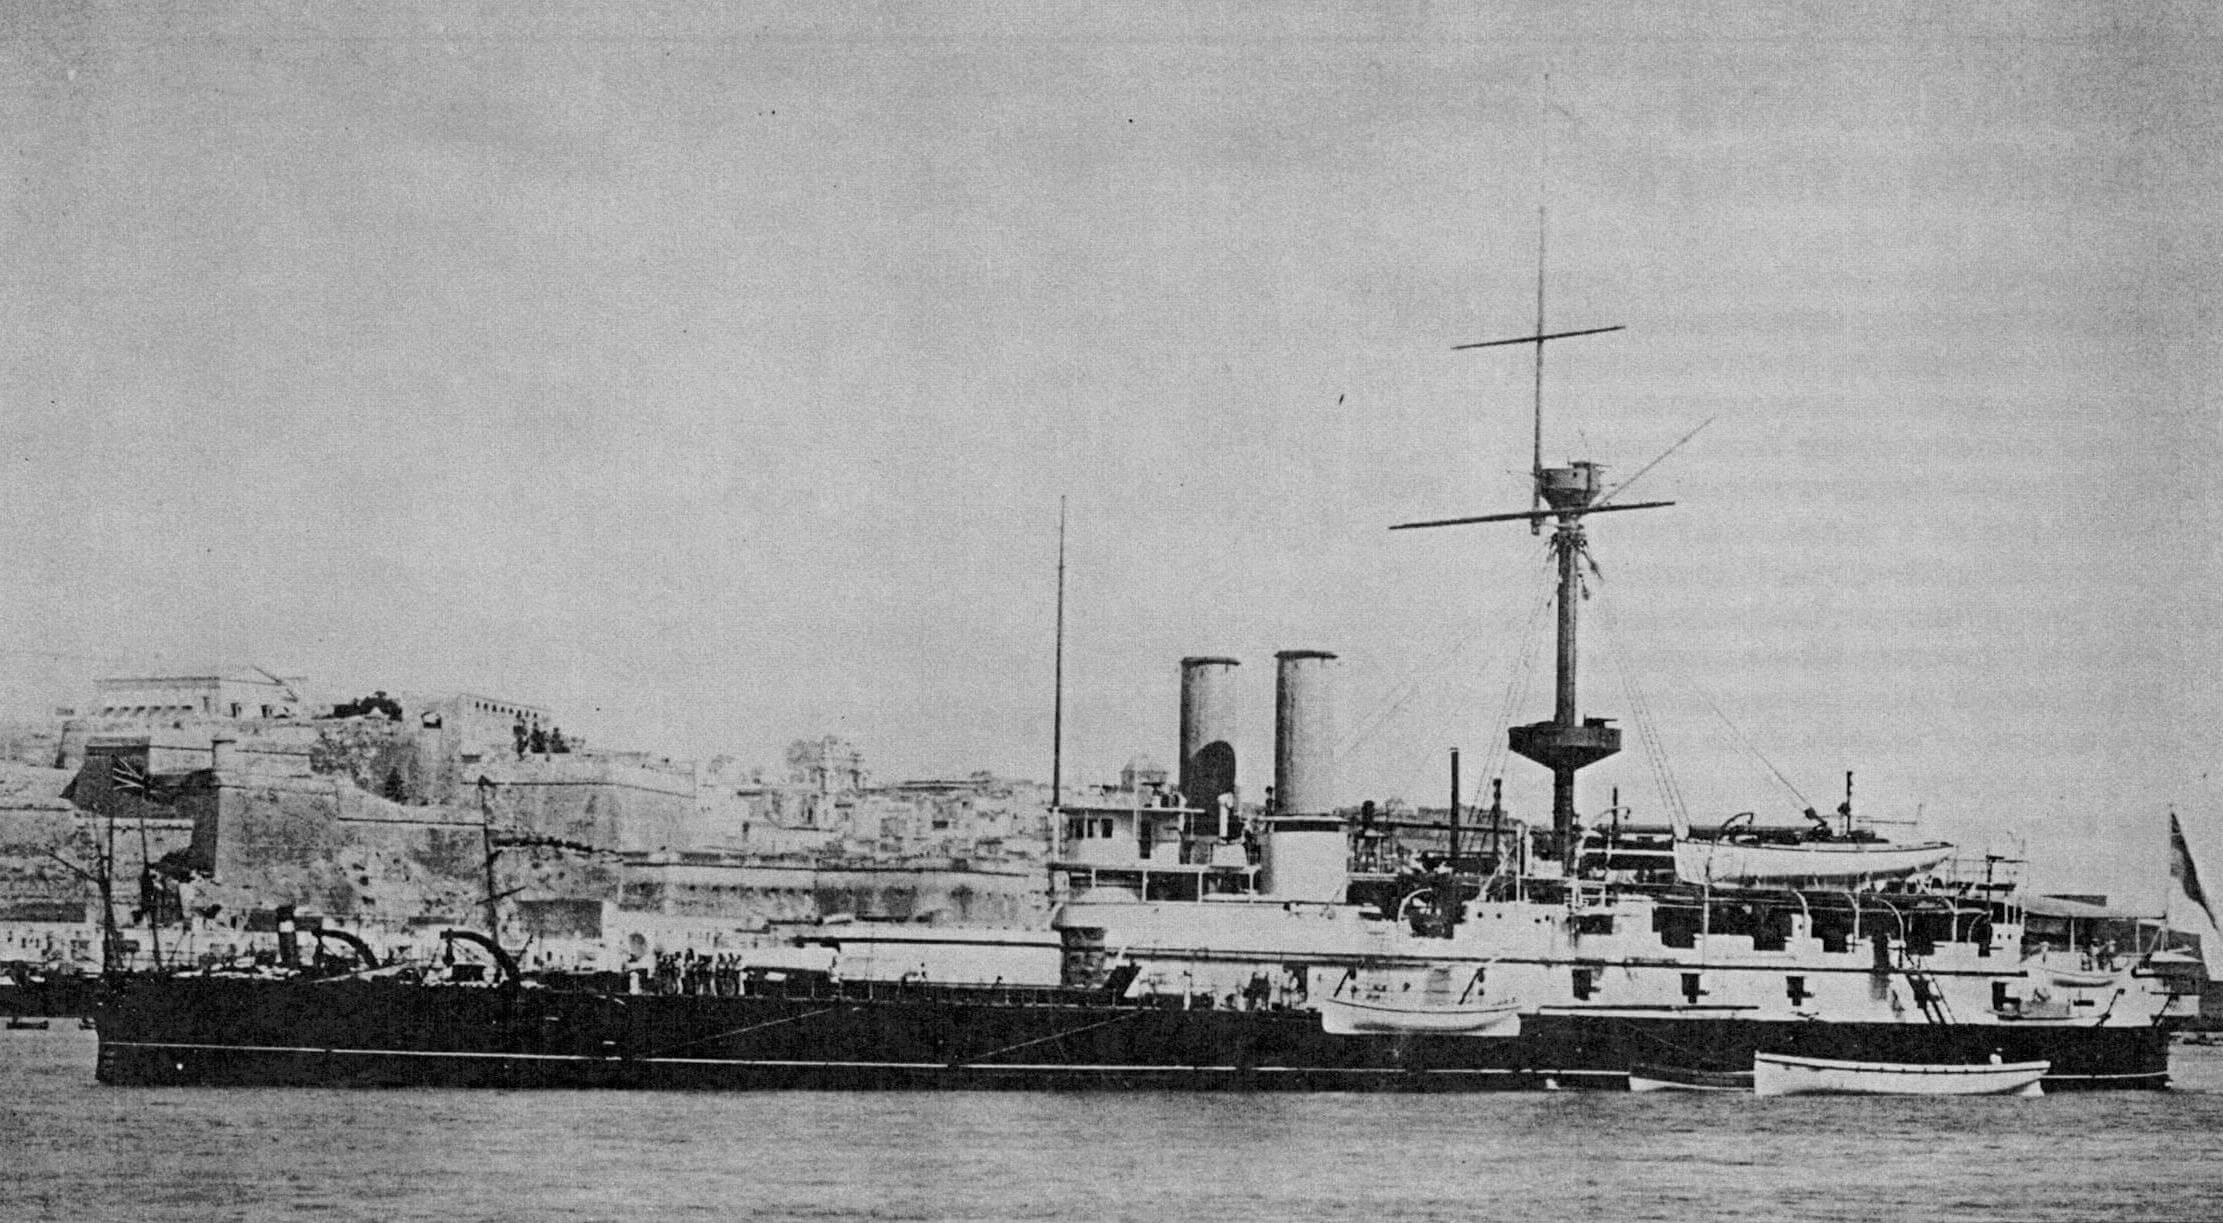 Флагманский броненосец вице-адмирала Джорджа Трайона «Виктория»